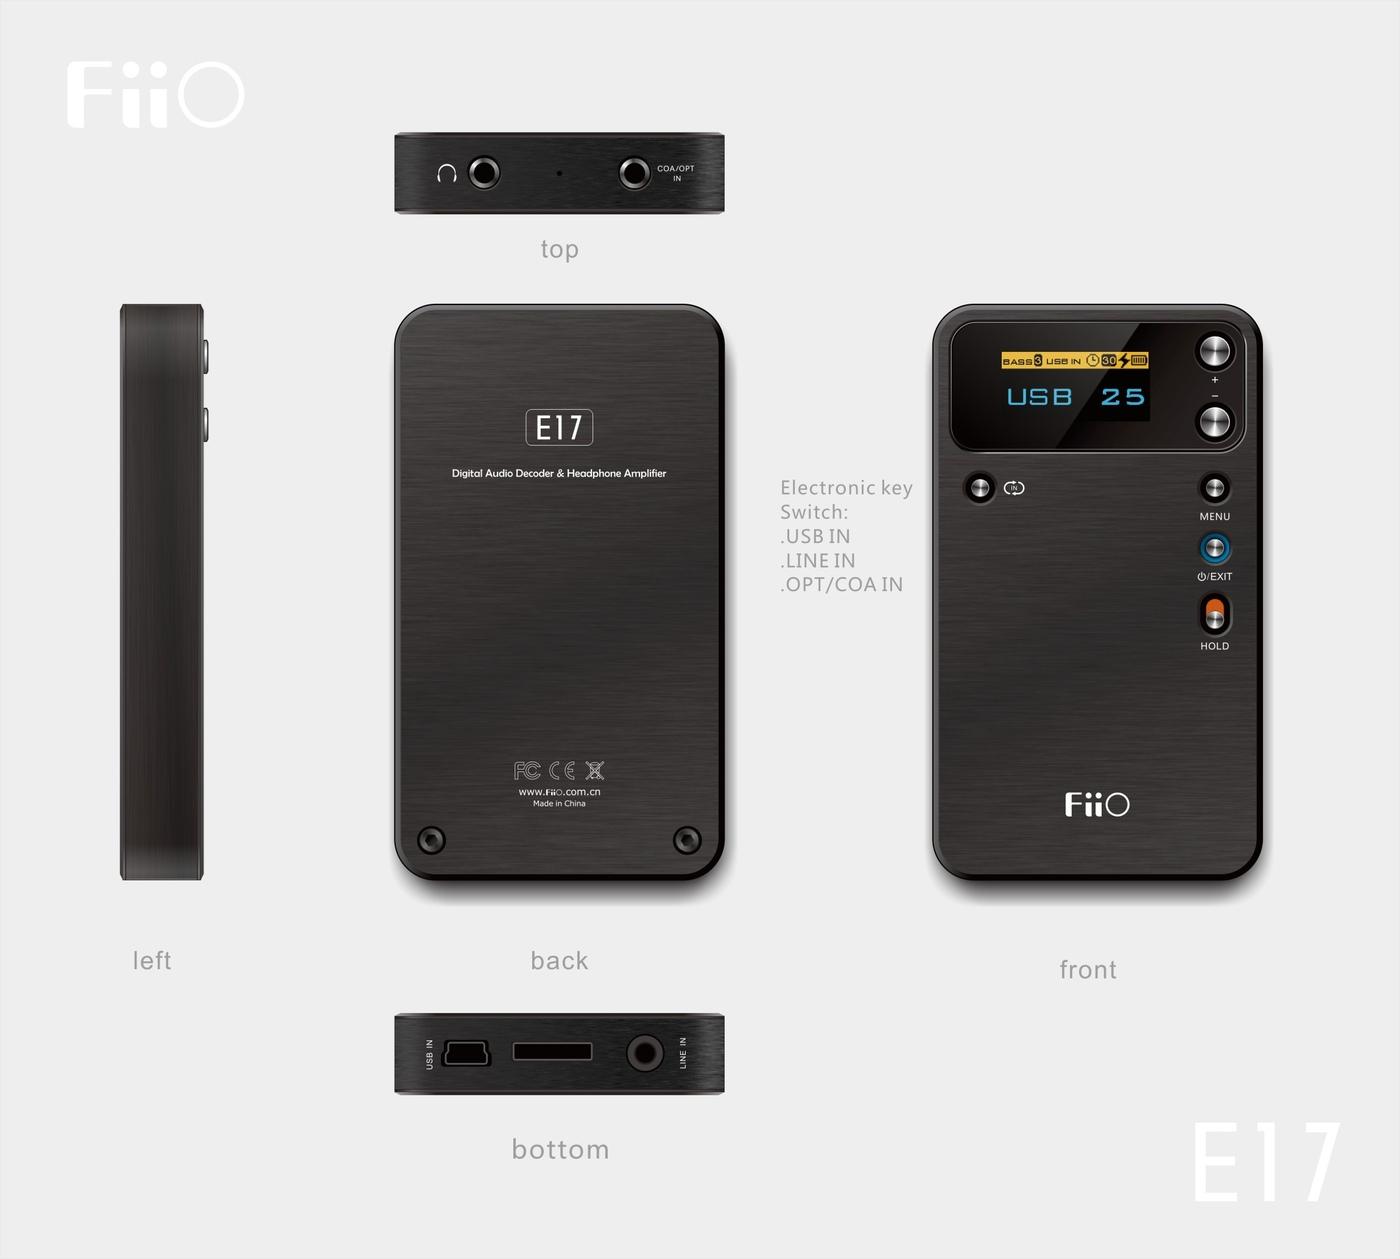 Fiio_Coming_Out_With_An_E7_Successor_The_E17